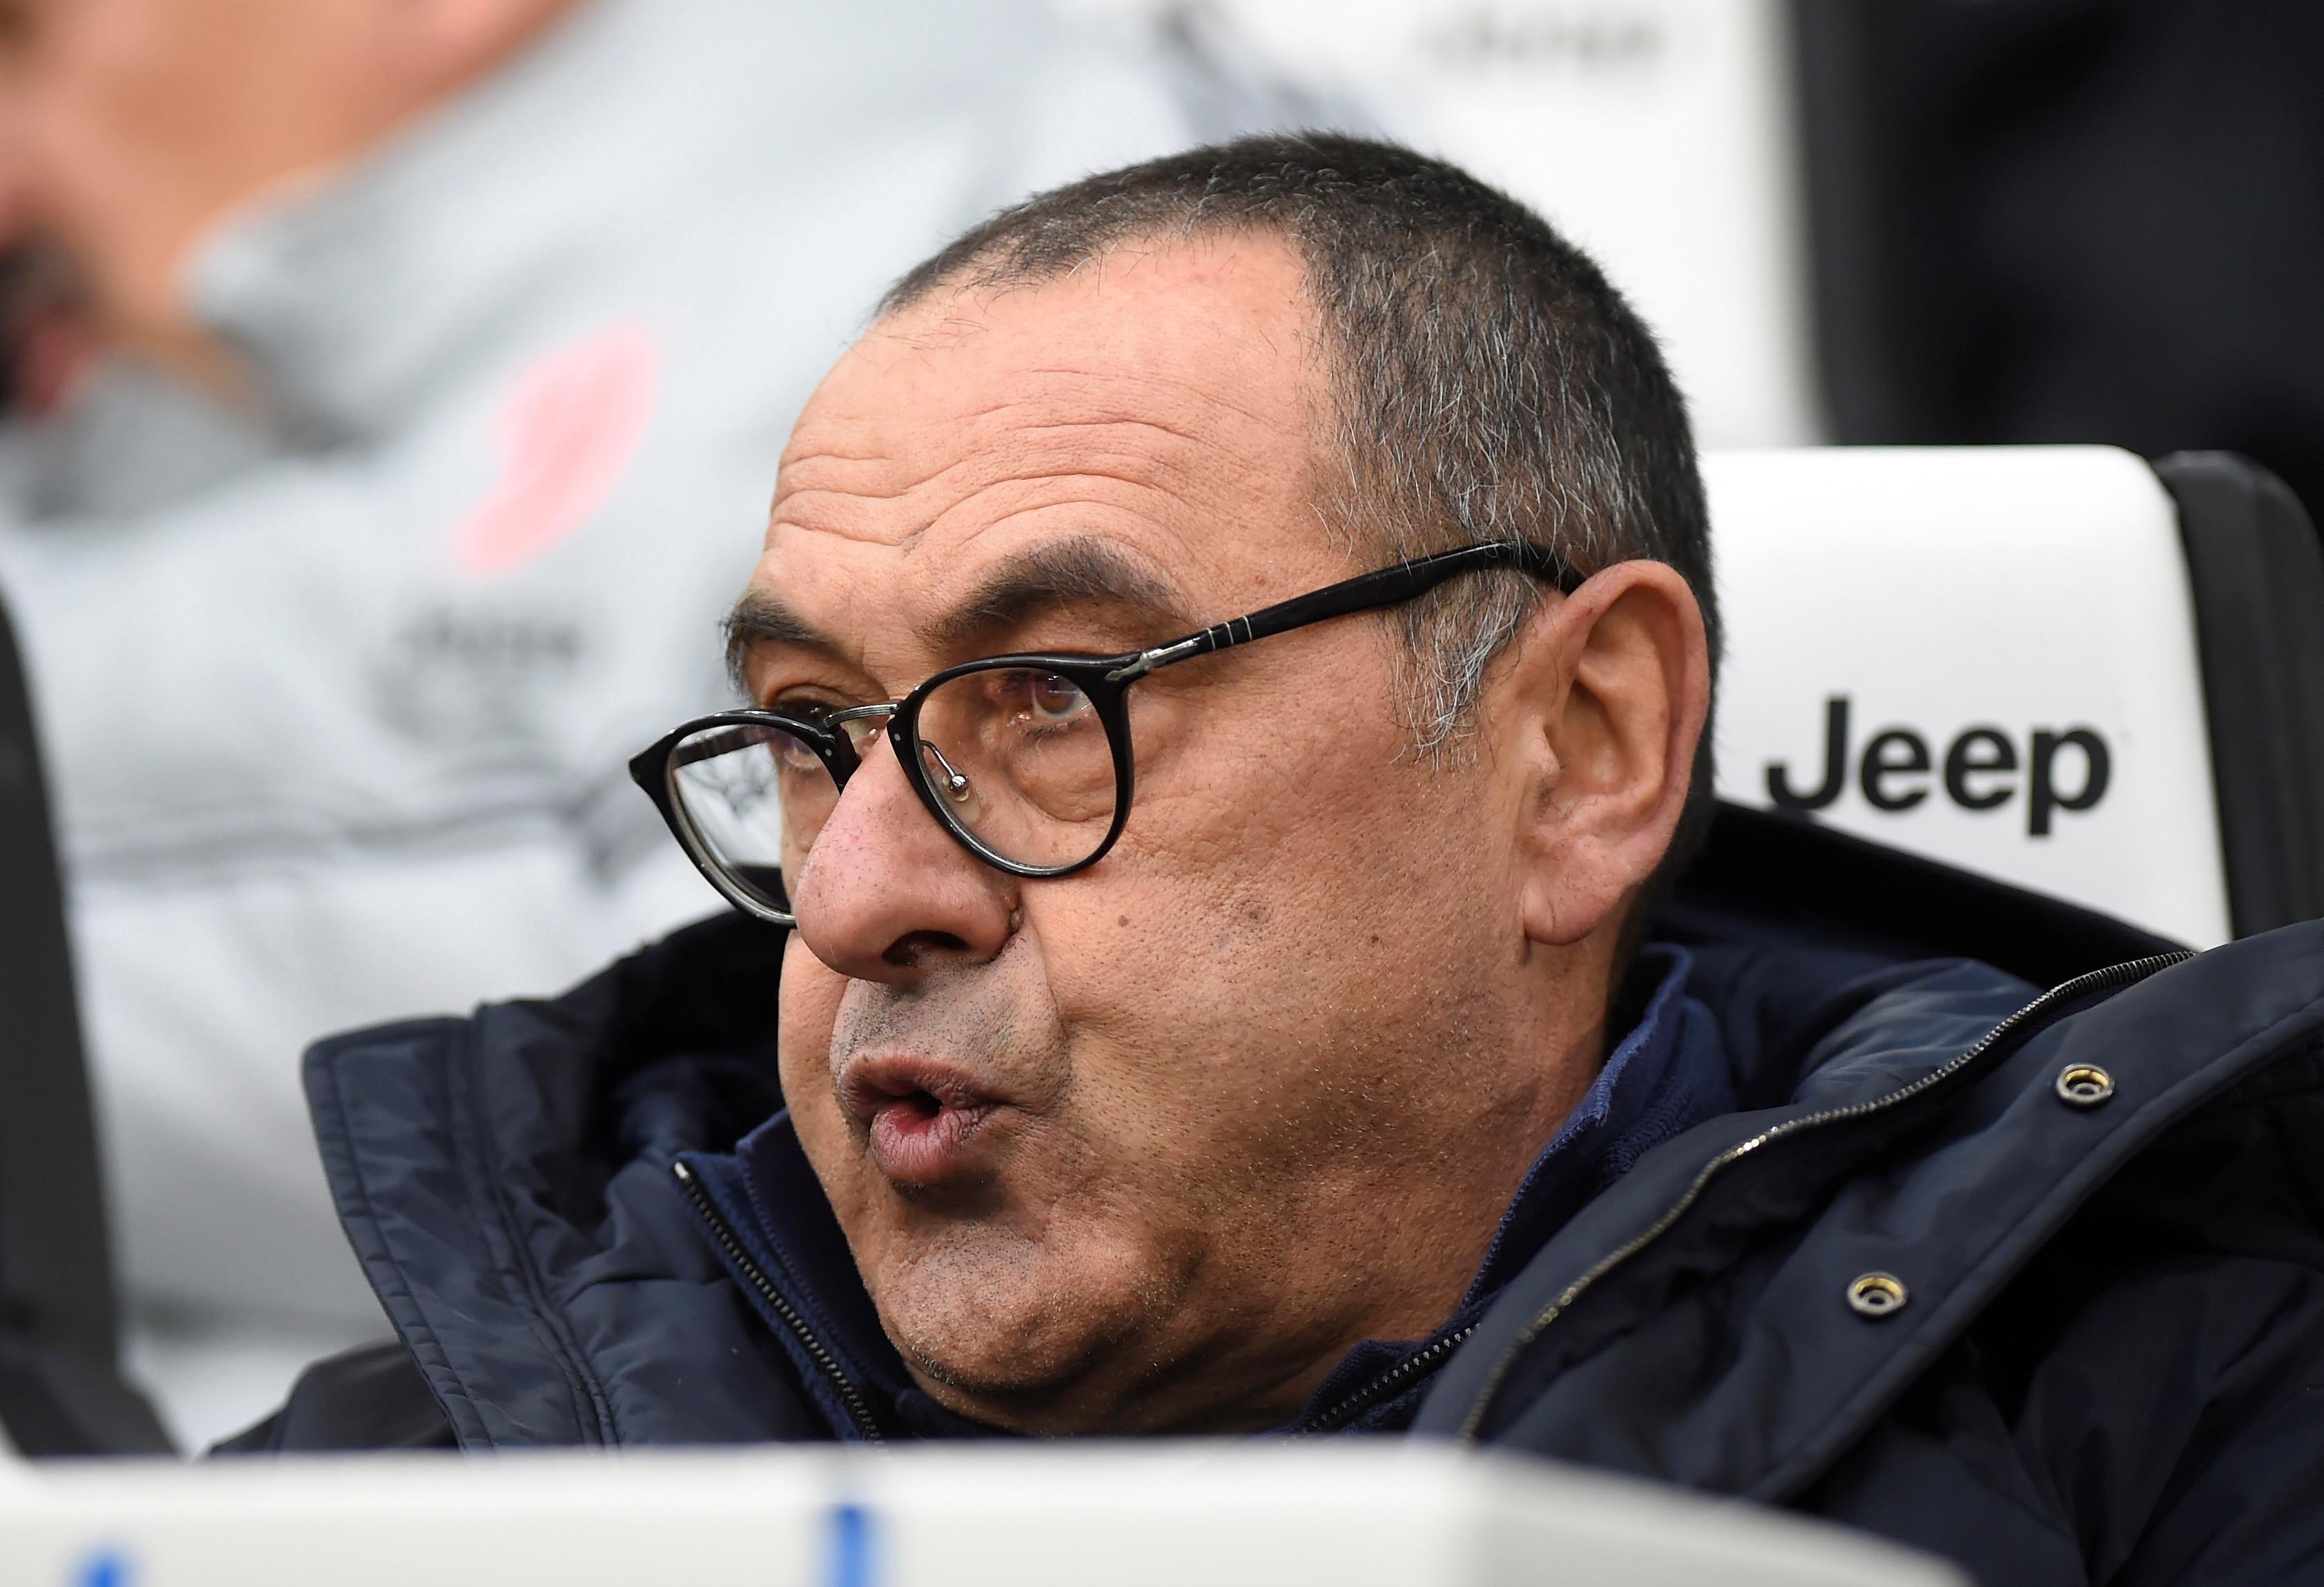 El exabrupto del entrenador de Juventus contra un periodista que le recordó que no ganó títulos en Italia  - Infobae